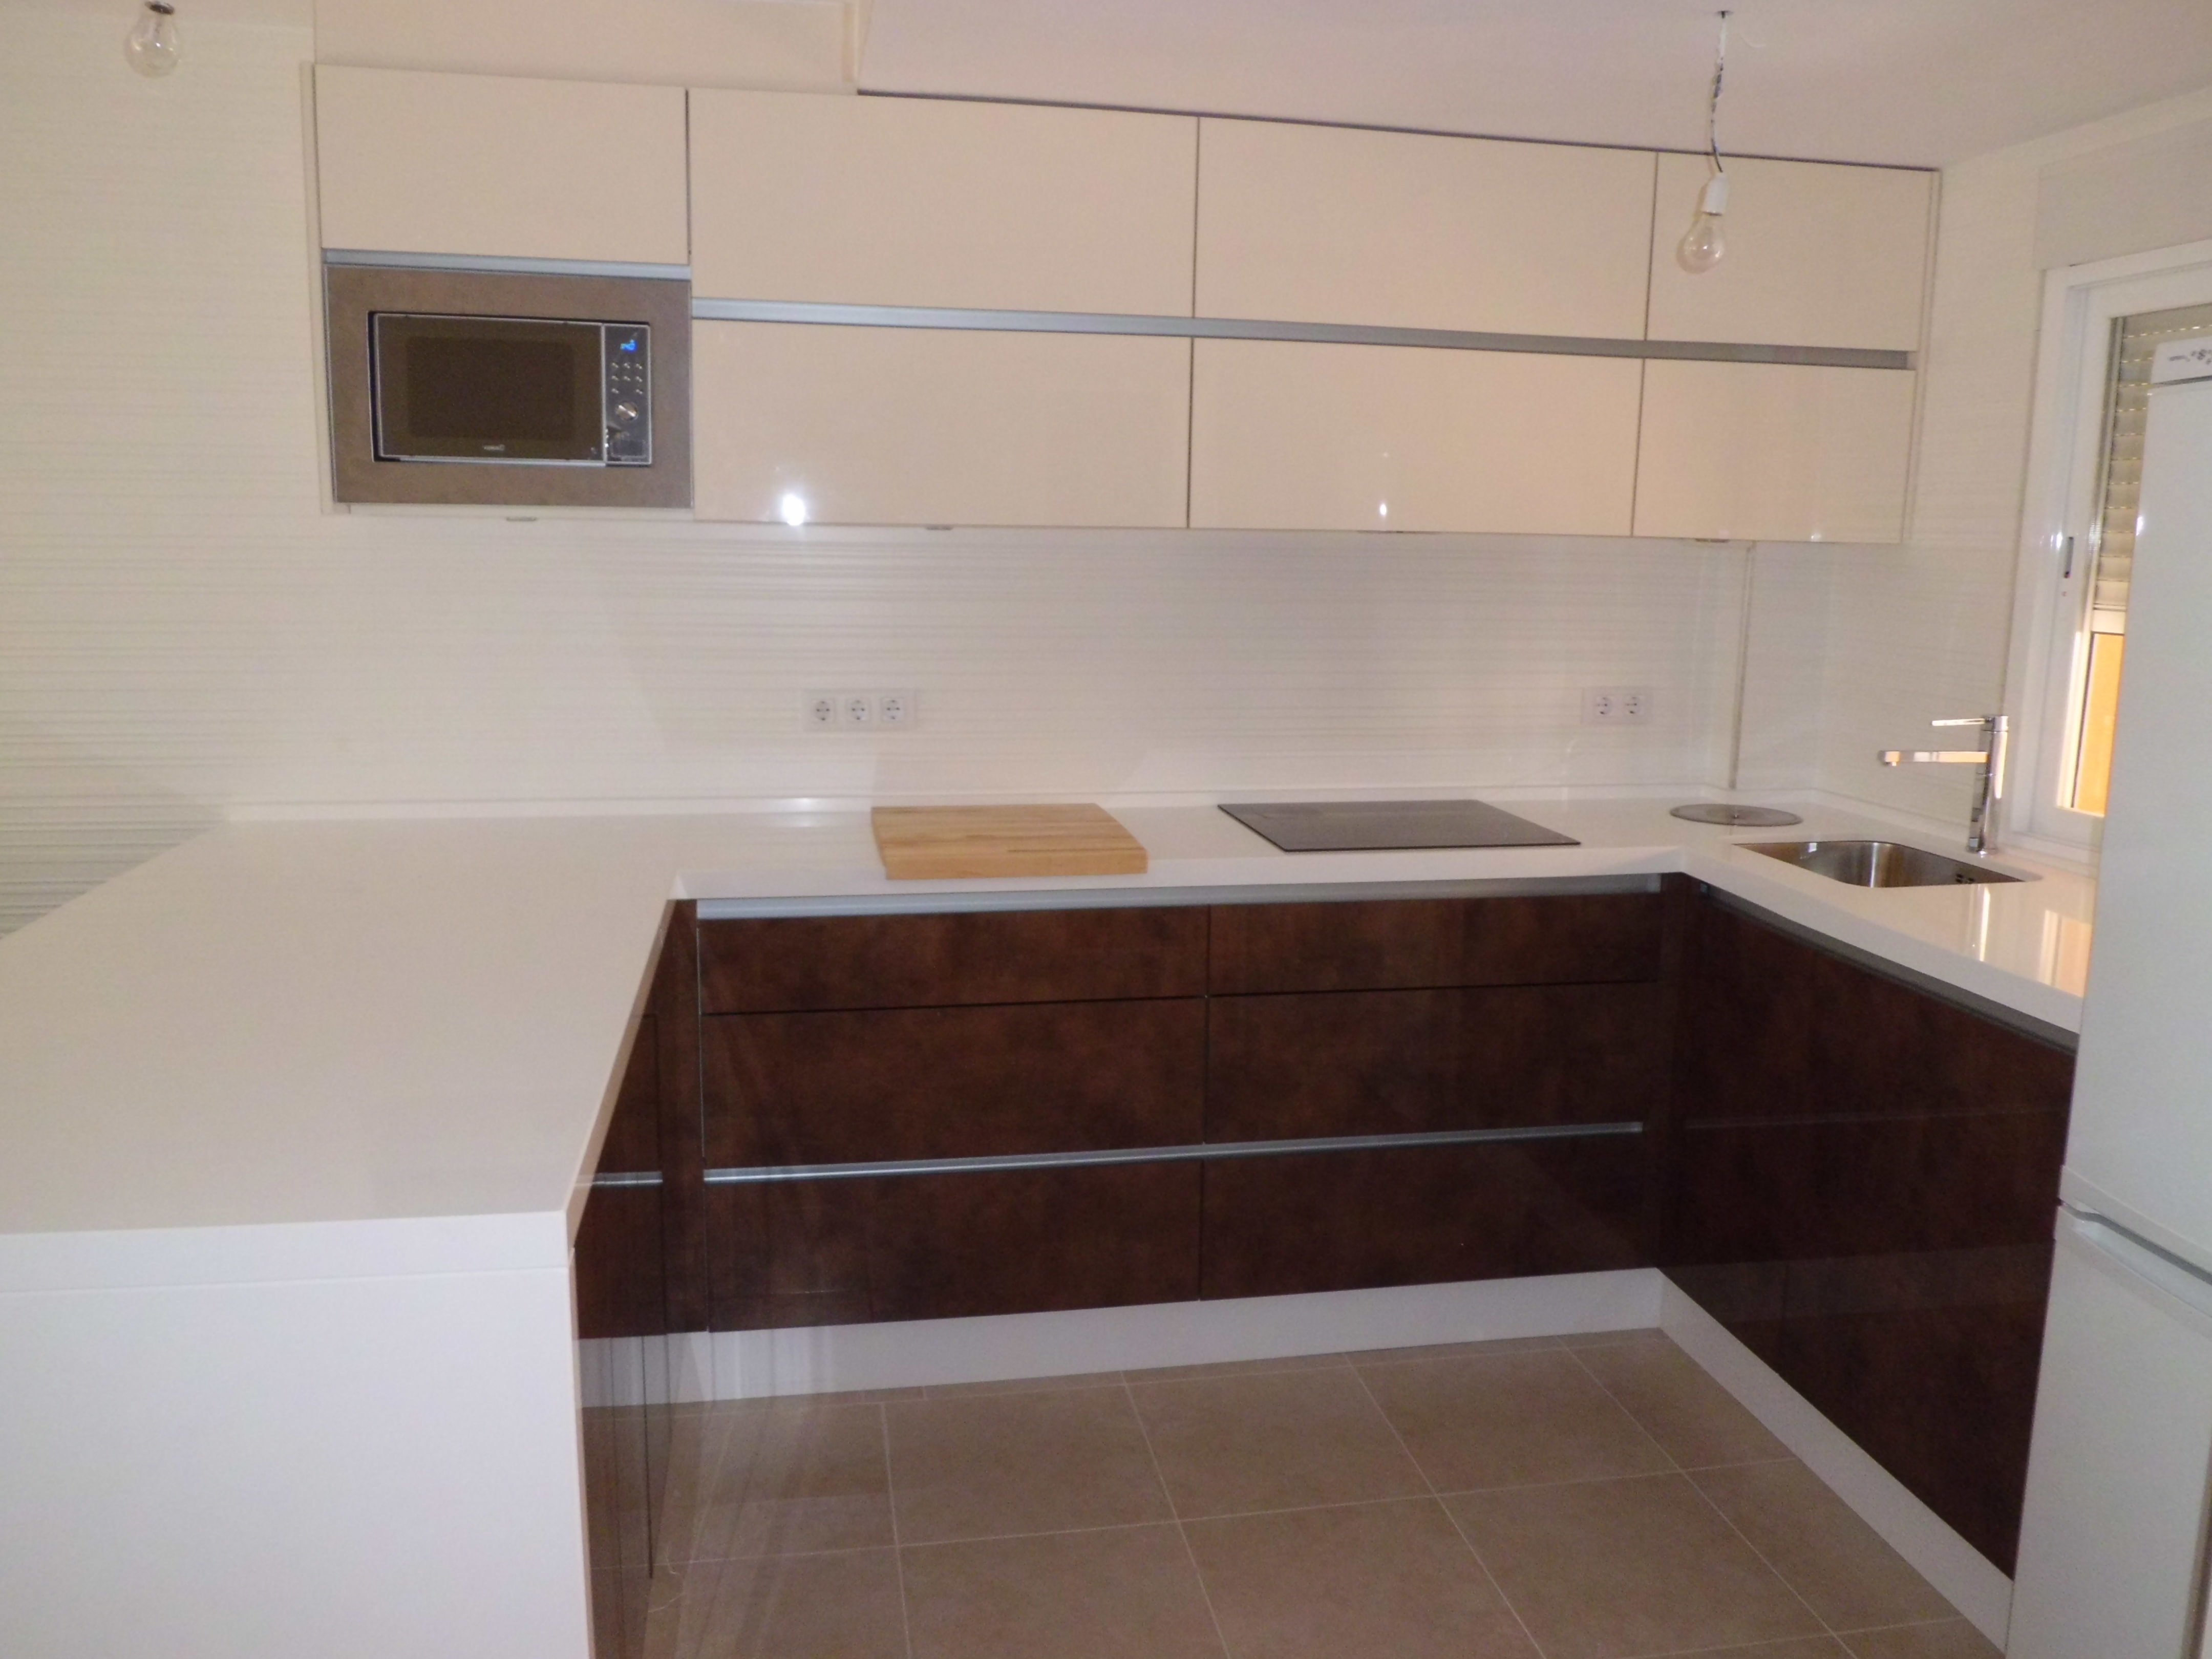 Foto 73 de Muebles de baño y cocina en Lorca  Ébano Interiorismo